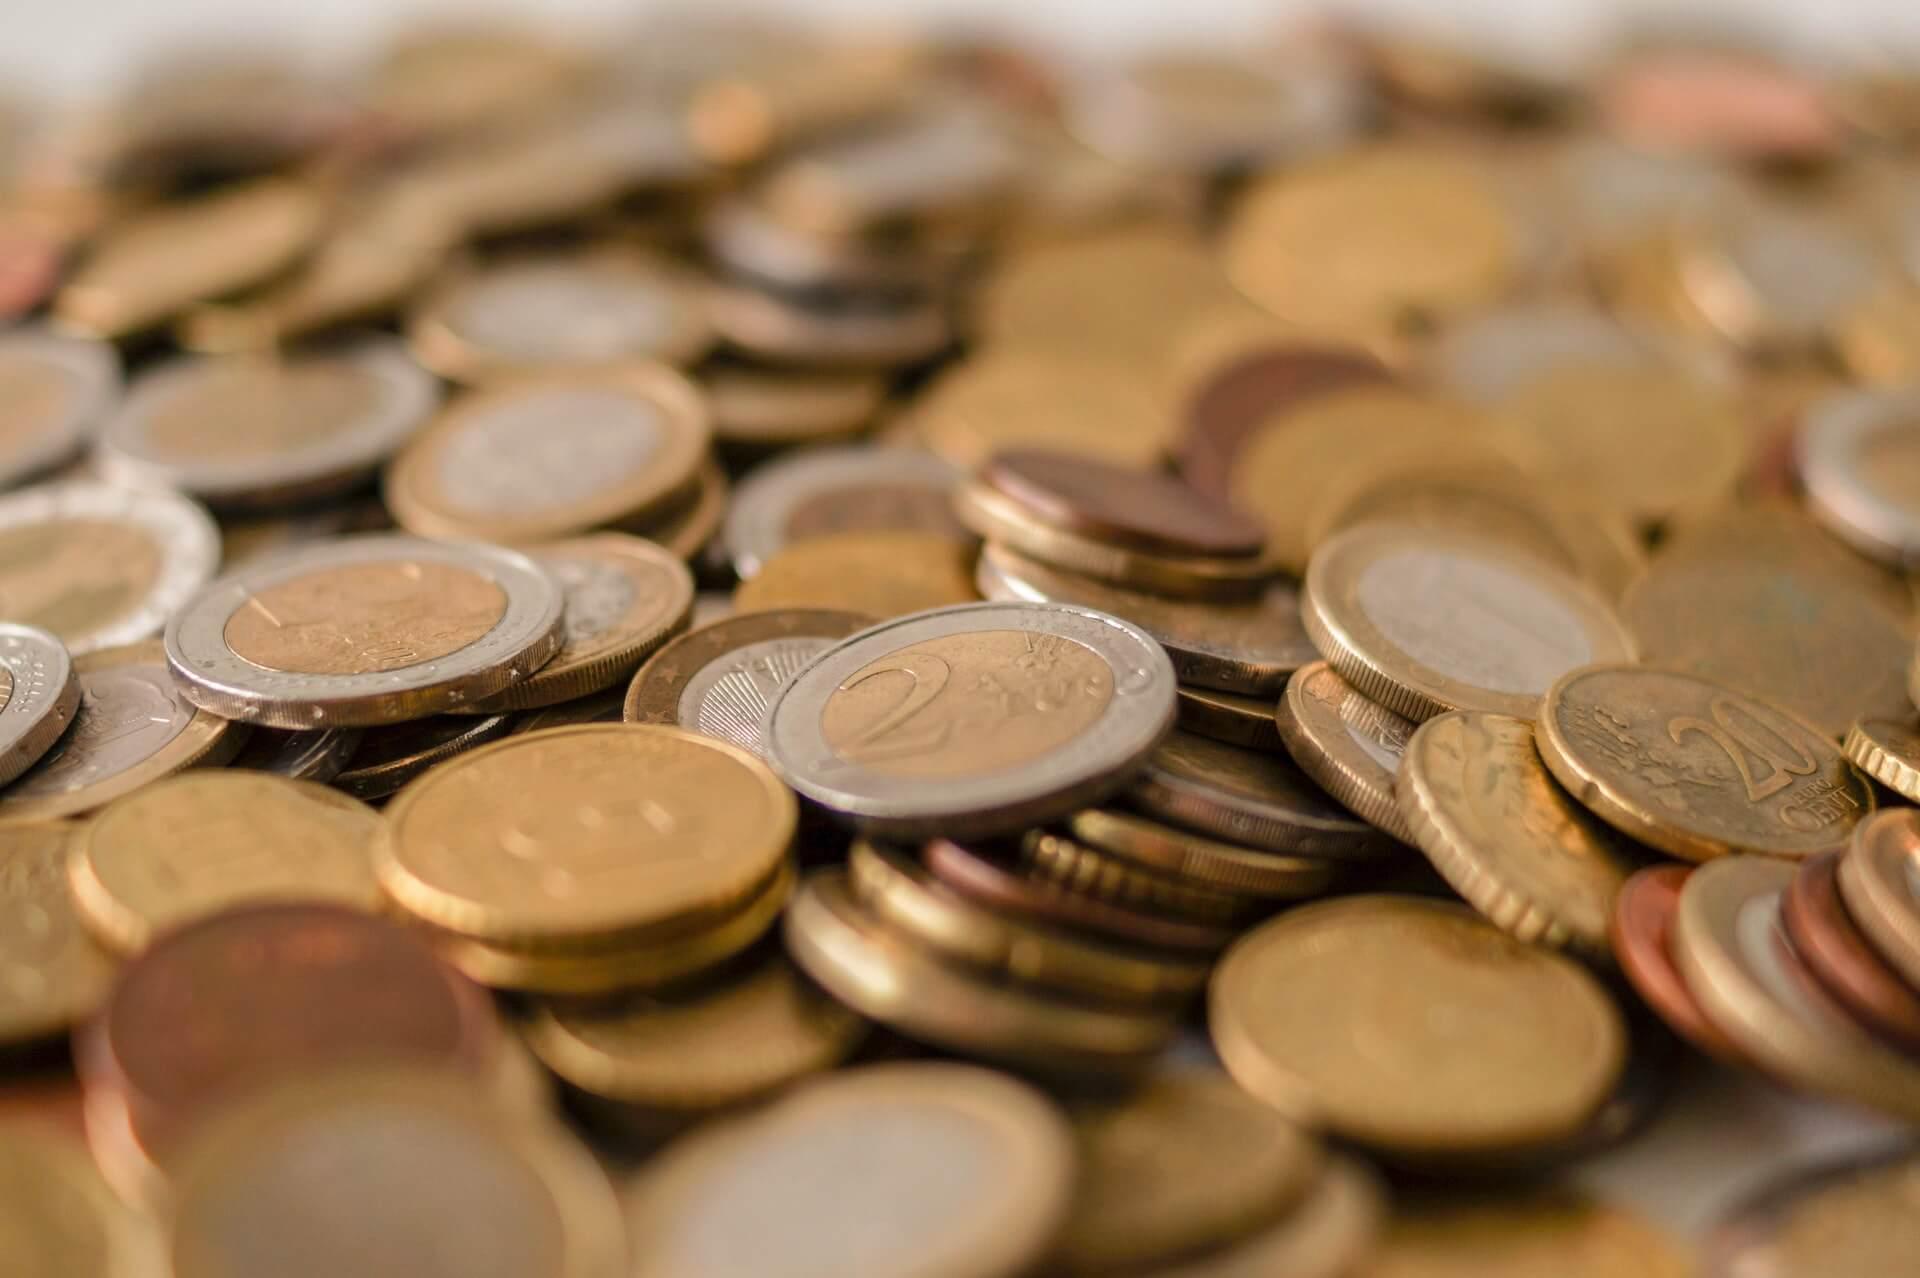 Fazit - Steht es um deinen Geldbeutel 2021 schlechter oder besser?